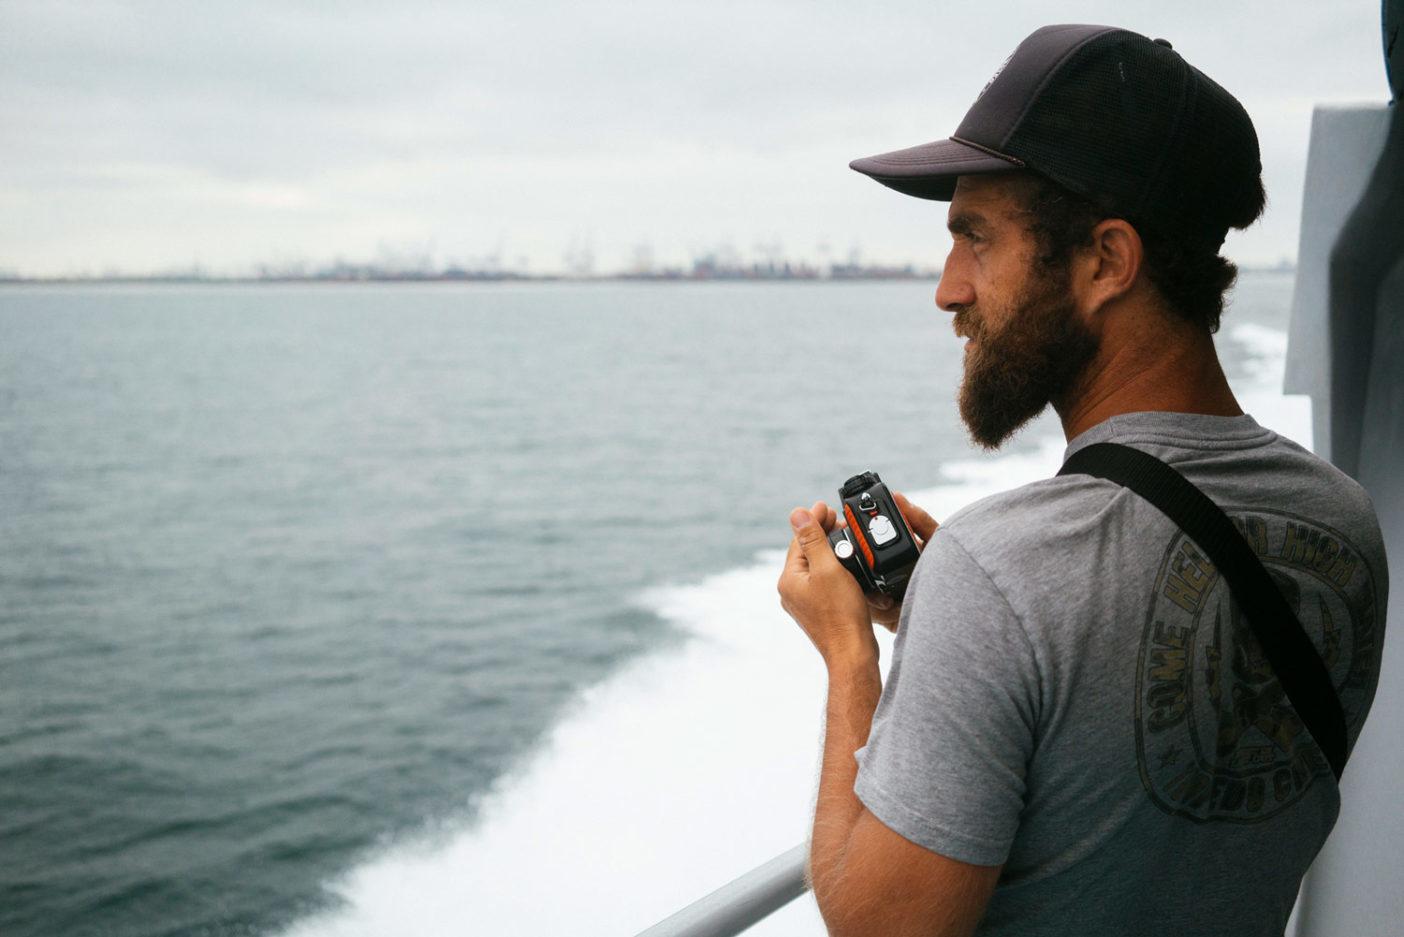 スキューバタンクをつけて下からリンを追うのはエリン・ファインブラット。現場で必要とされるのは彼のように責任感があって有能な人物。Photo: Donnie Hedden